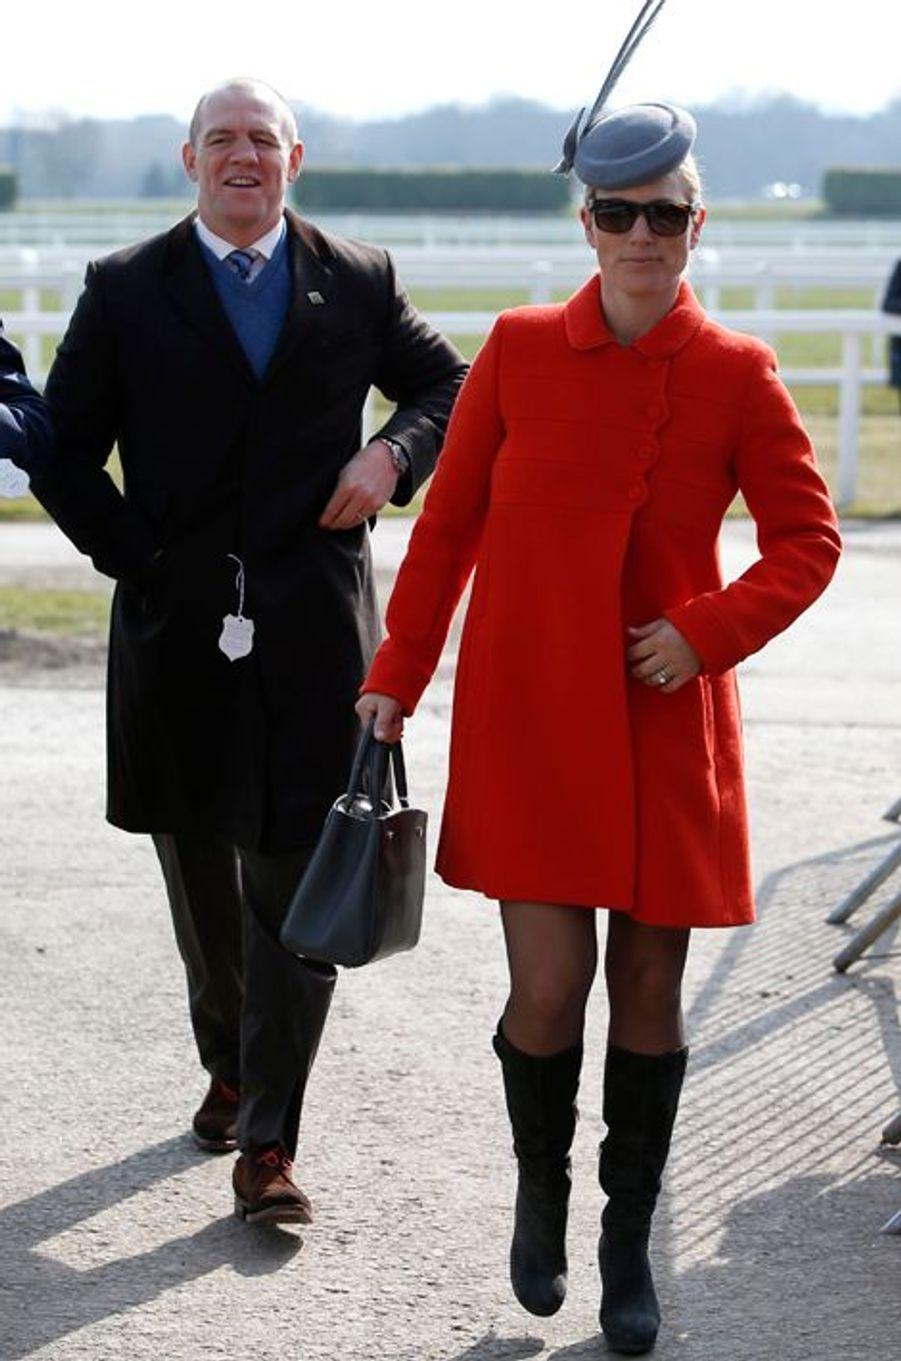 Zara Phillips avec son mari Mike Tendall au Cheltenham Festival, le 17 mars 2016